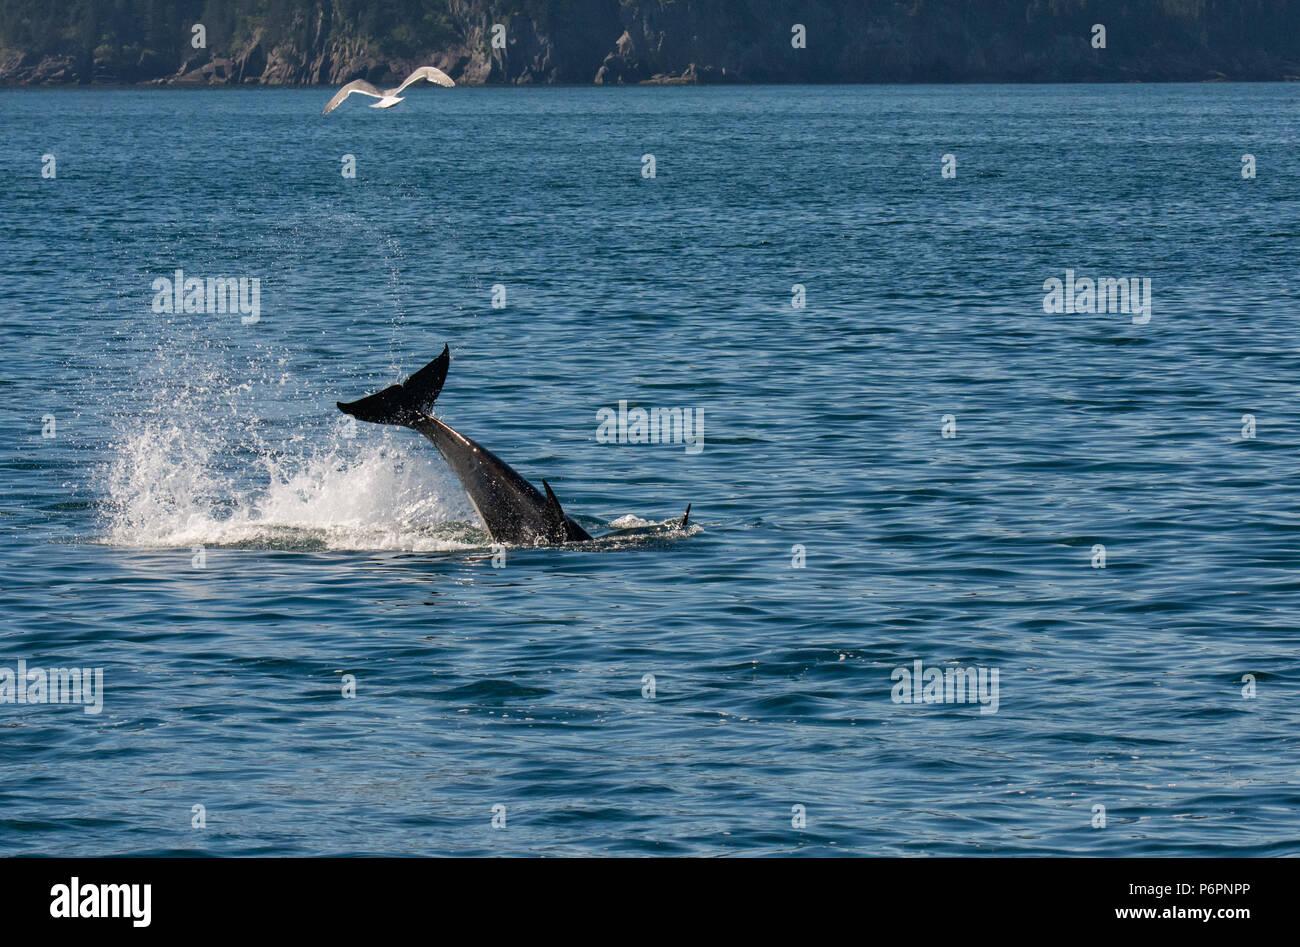 Eine kleine Orca heftig schwingt seine Schwanz senden Spray überall, wie es in einem Tauchgang auf der Oberfläche rutschen. Stockbild